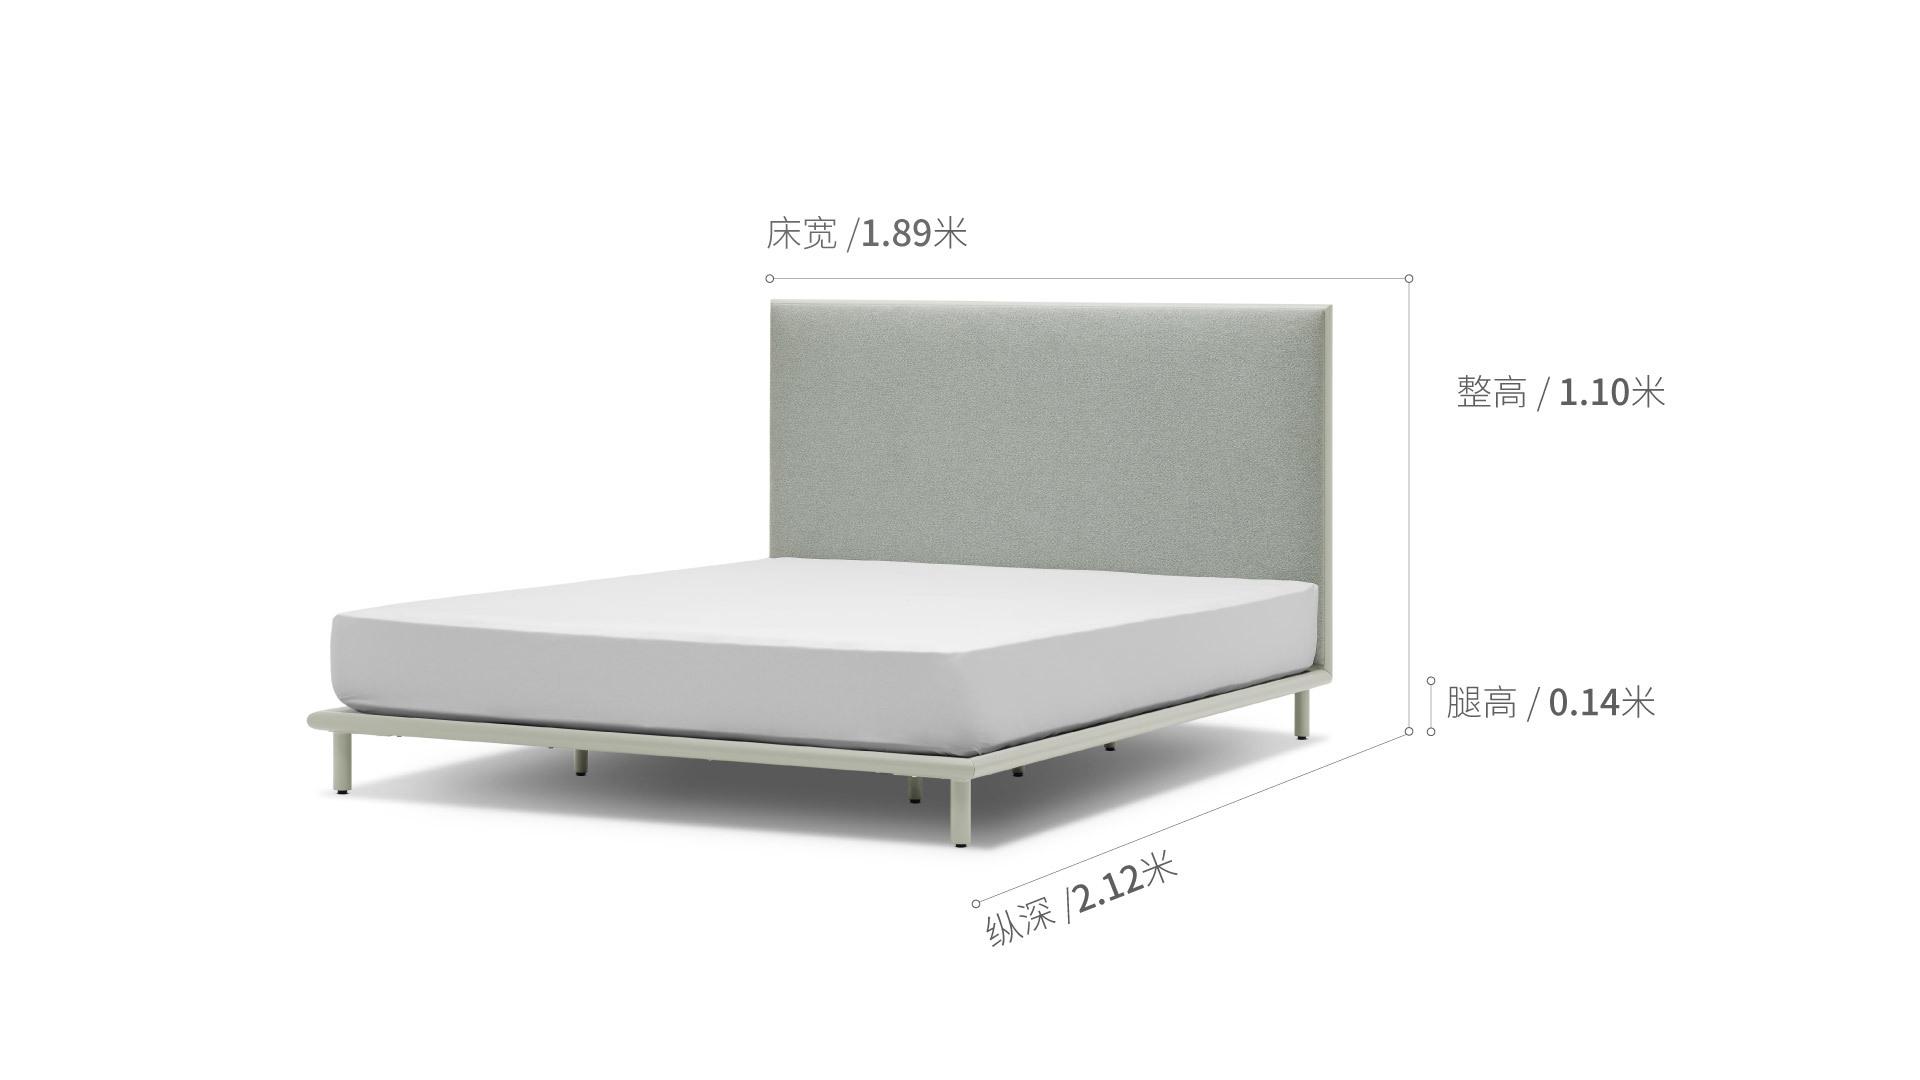 美术馆床1.8米款床·床具效果图